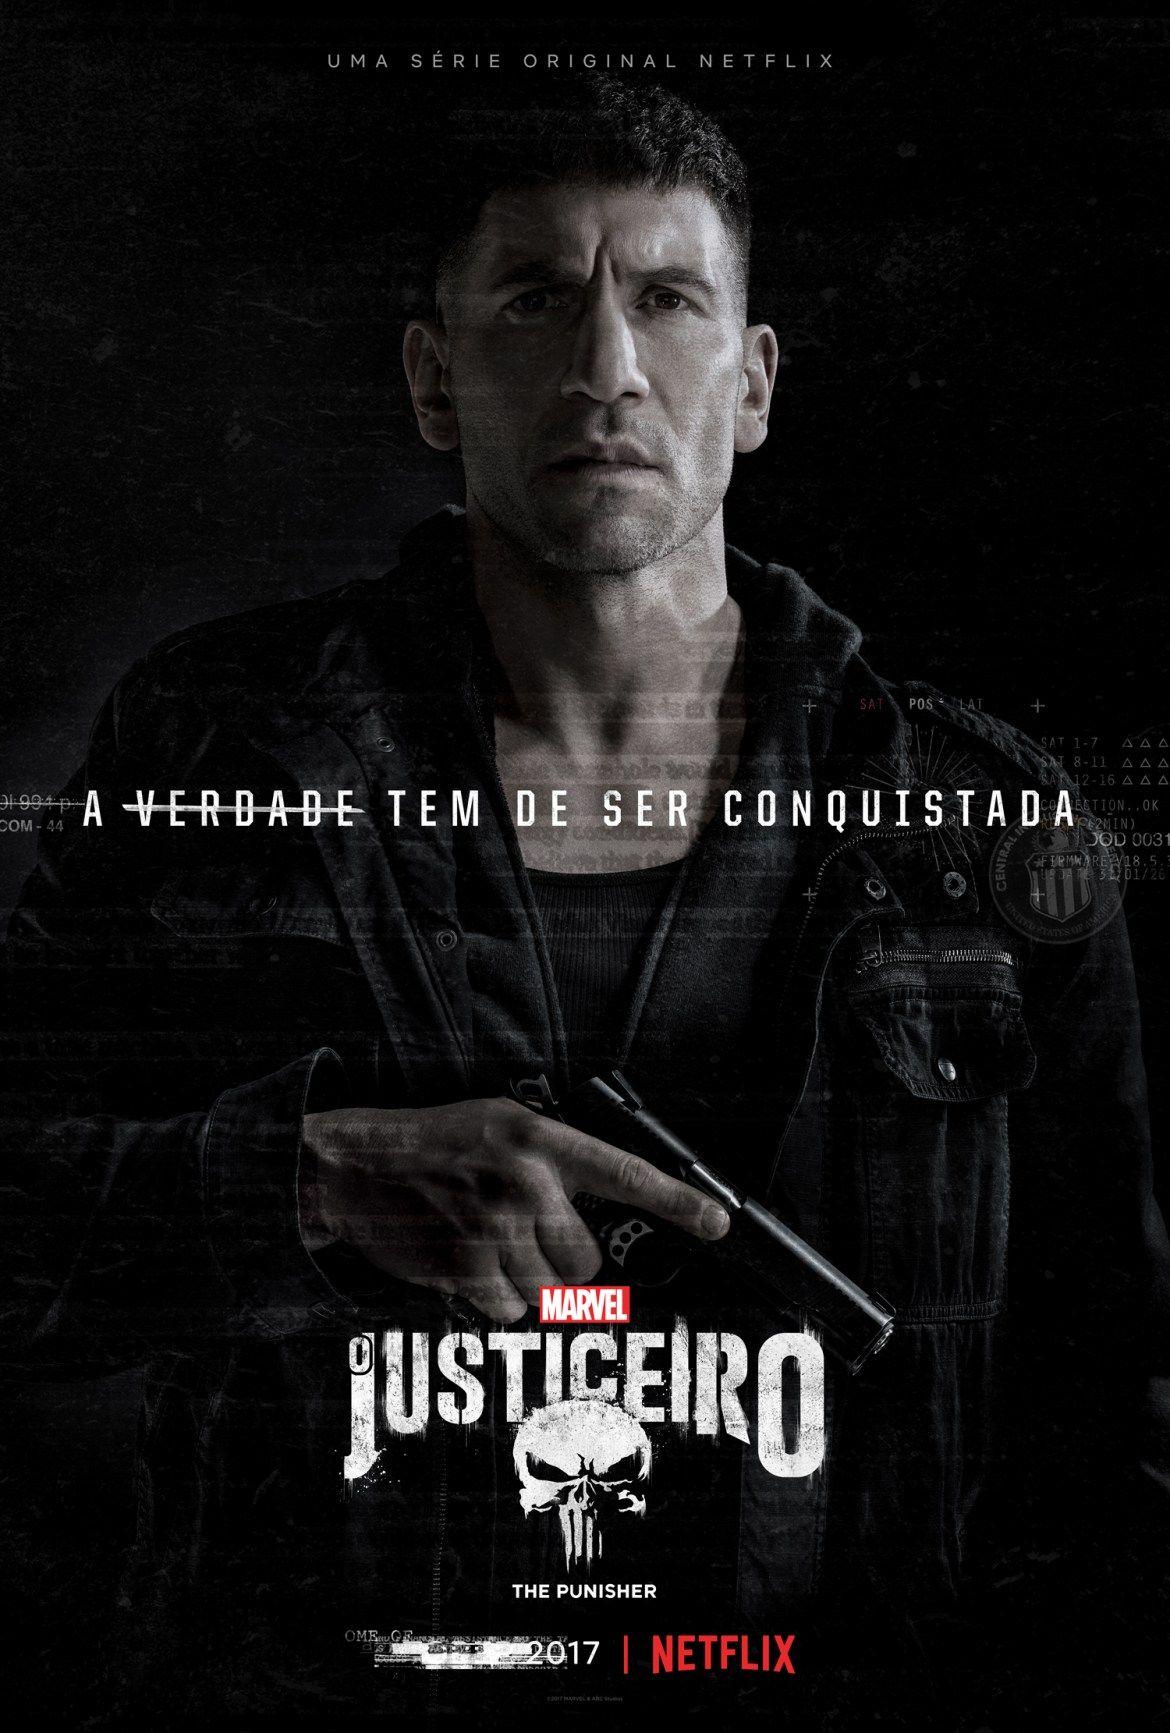 Poster oficial de Frank Castle de Marvel O Justiceiro apresentado pela  Netflix b0120d1c524c2